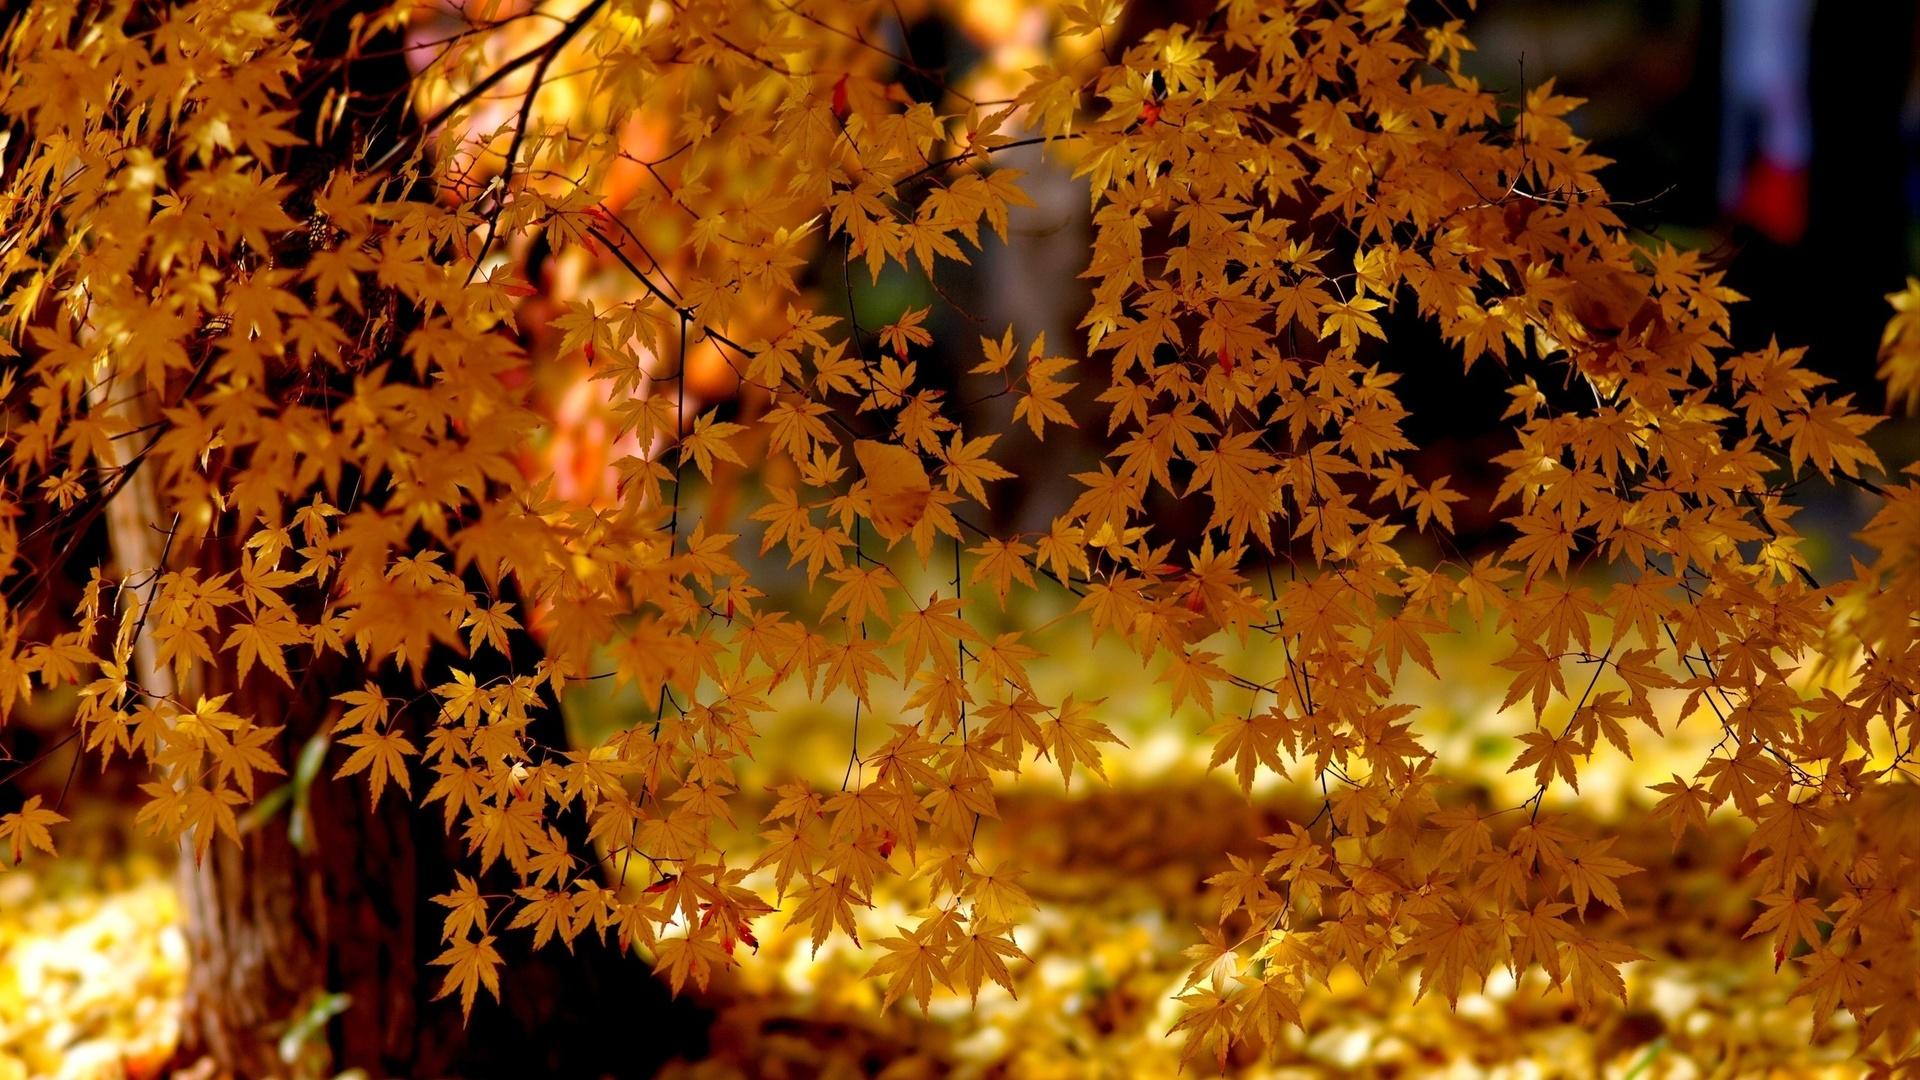 суда красивые картинки осень все хорошо может